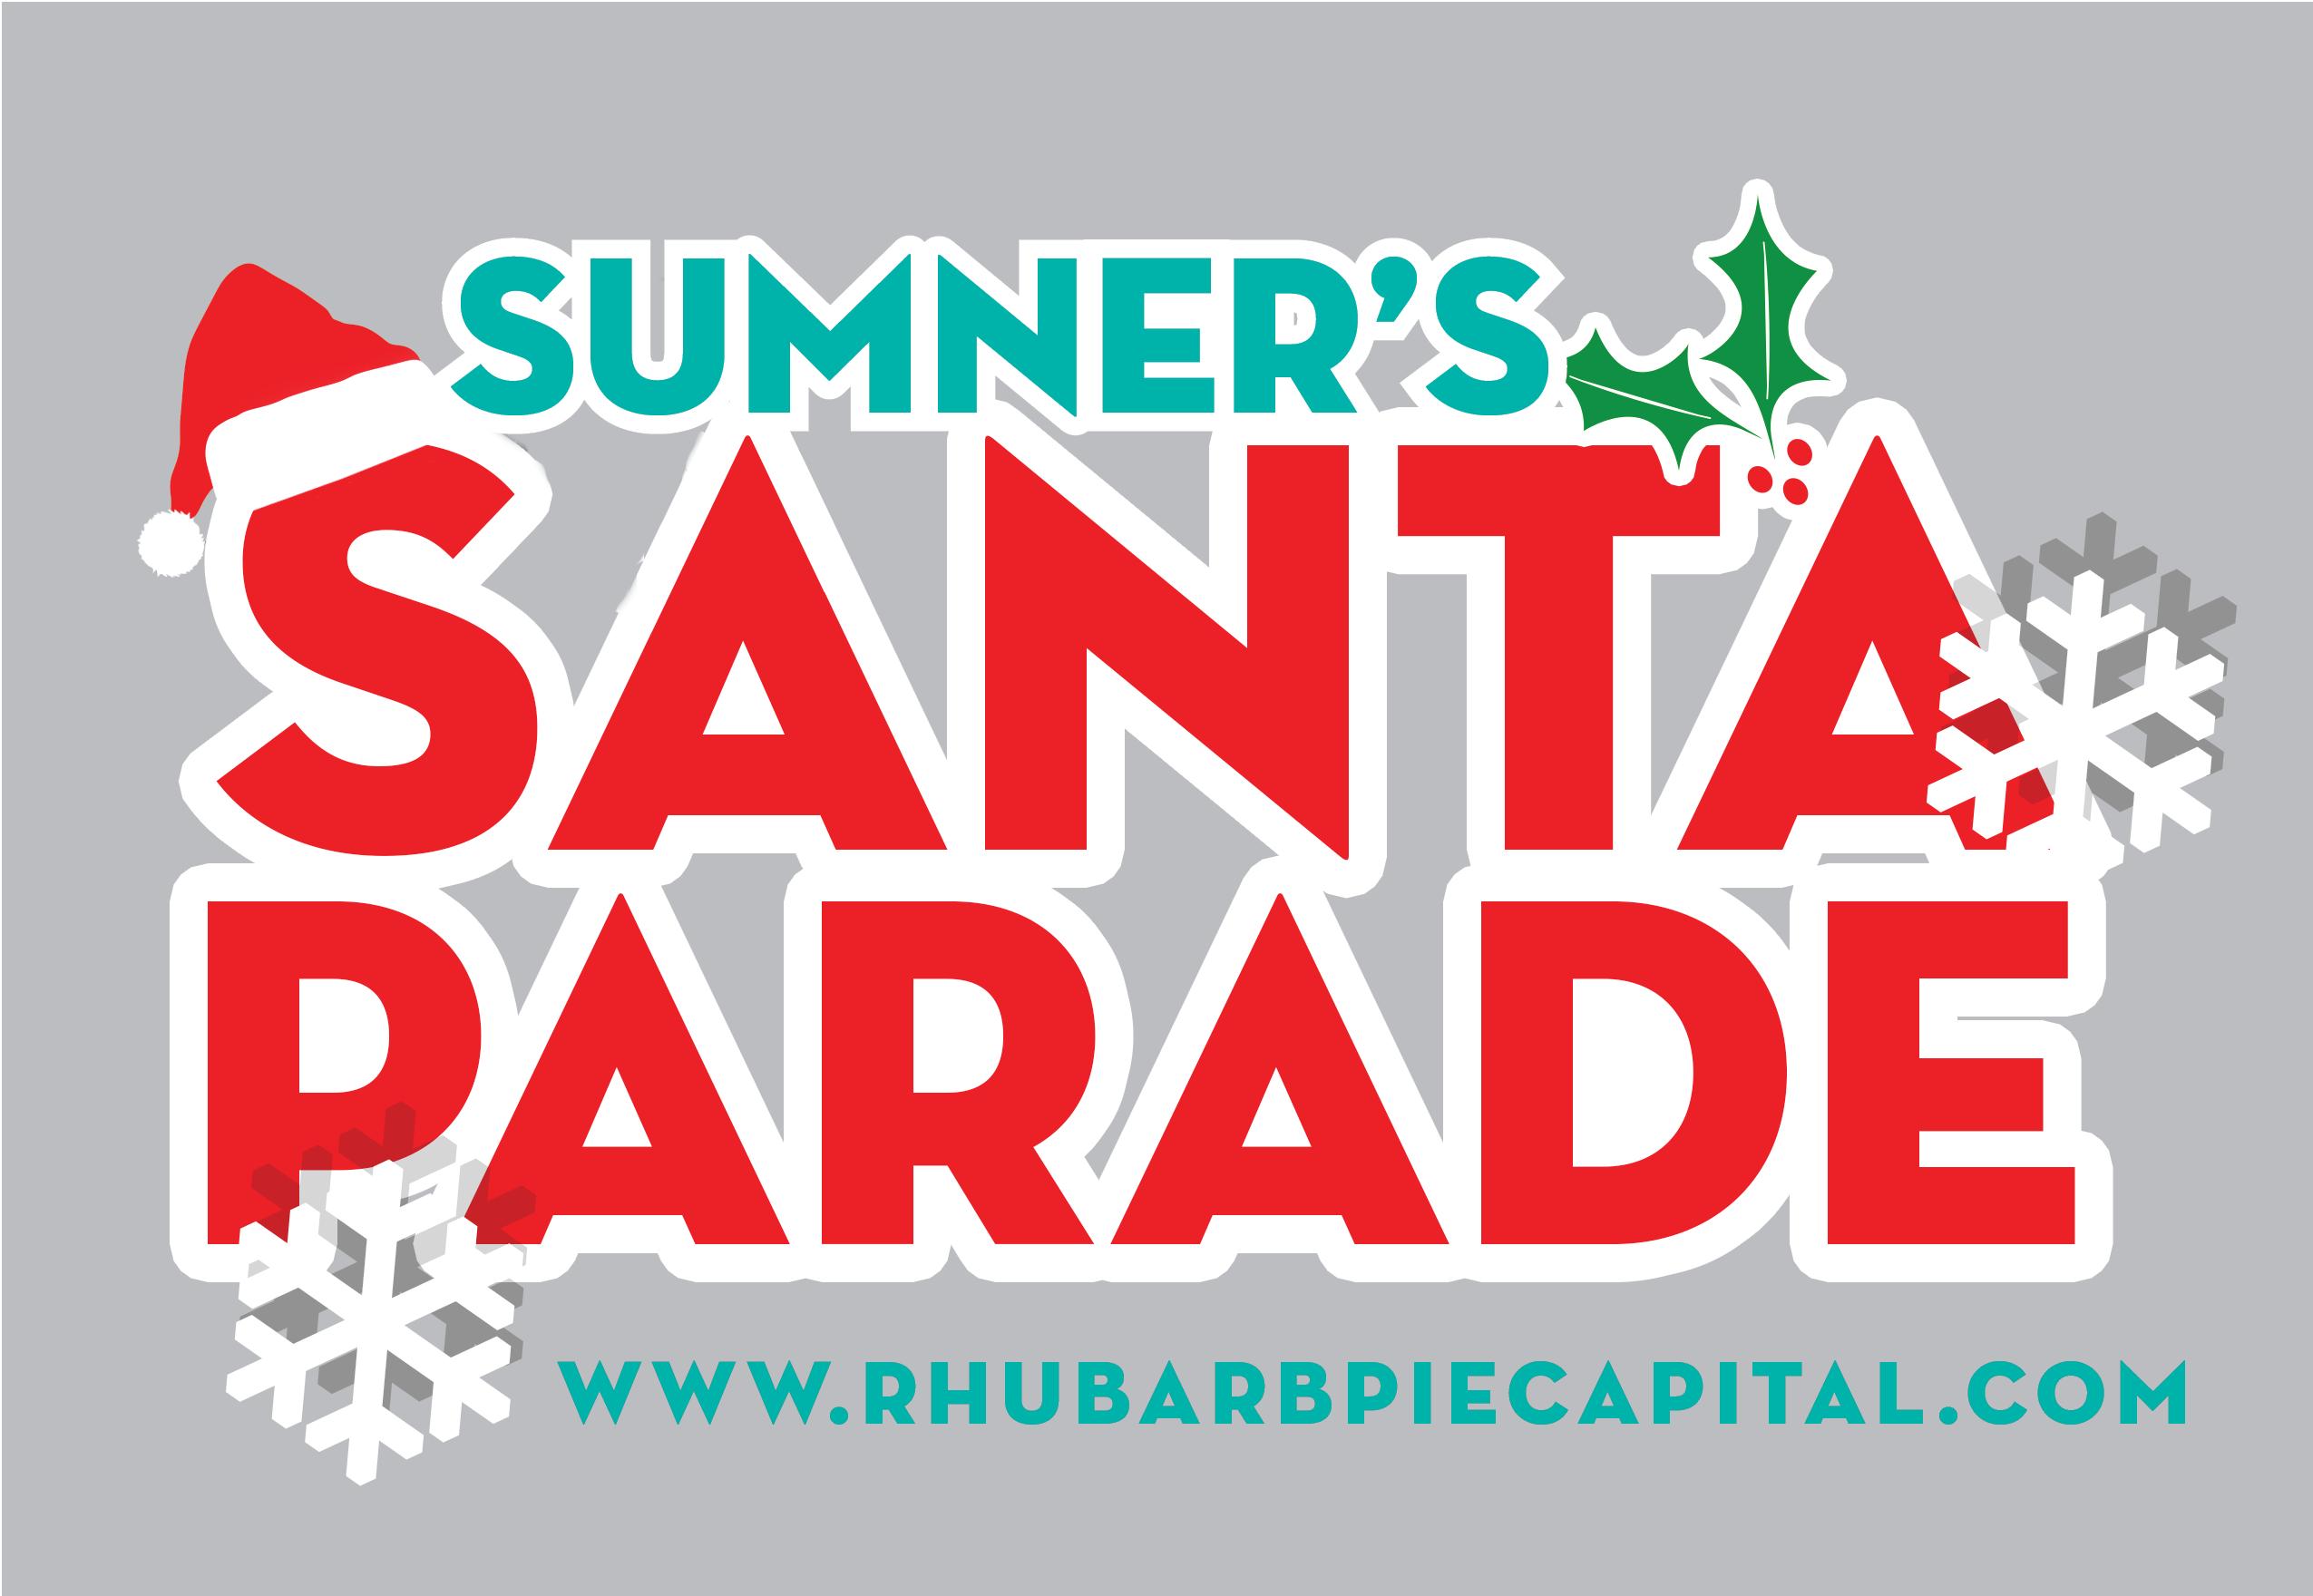 Santa parade social